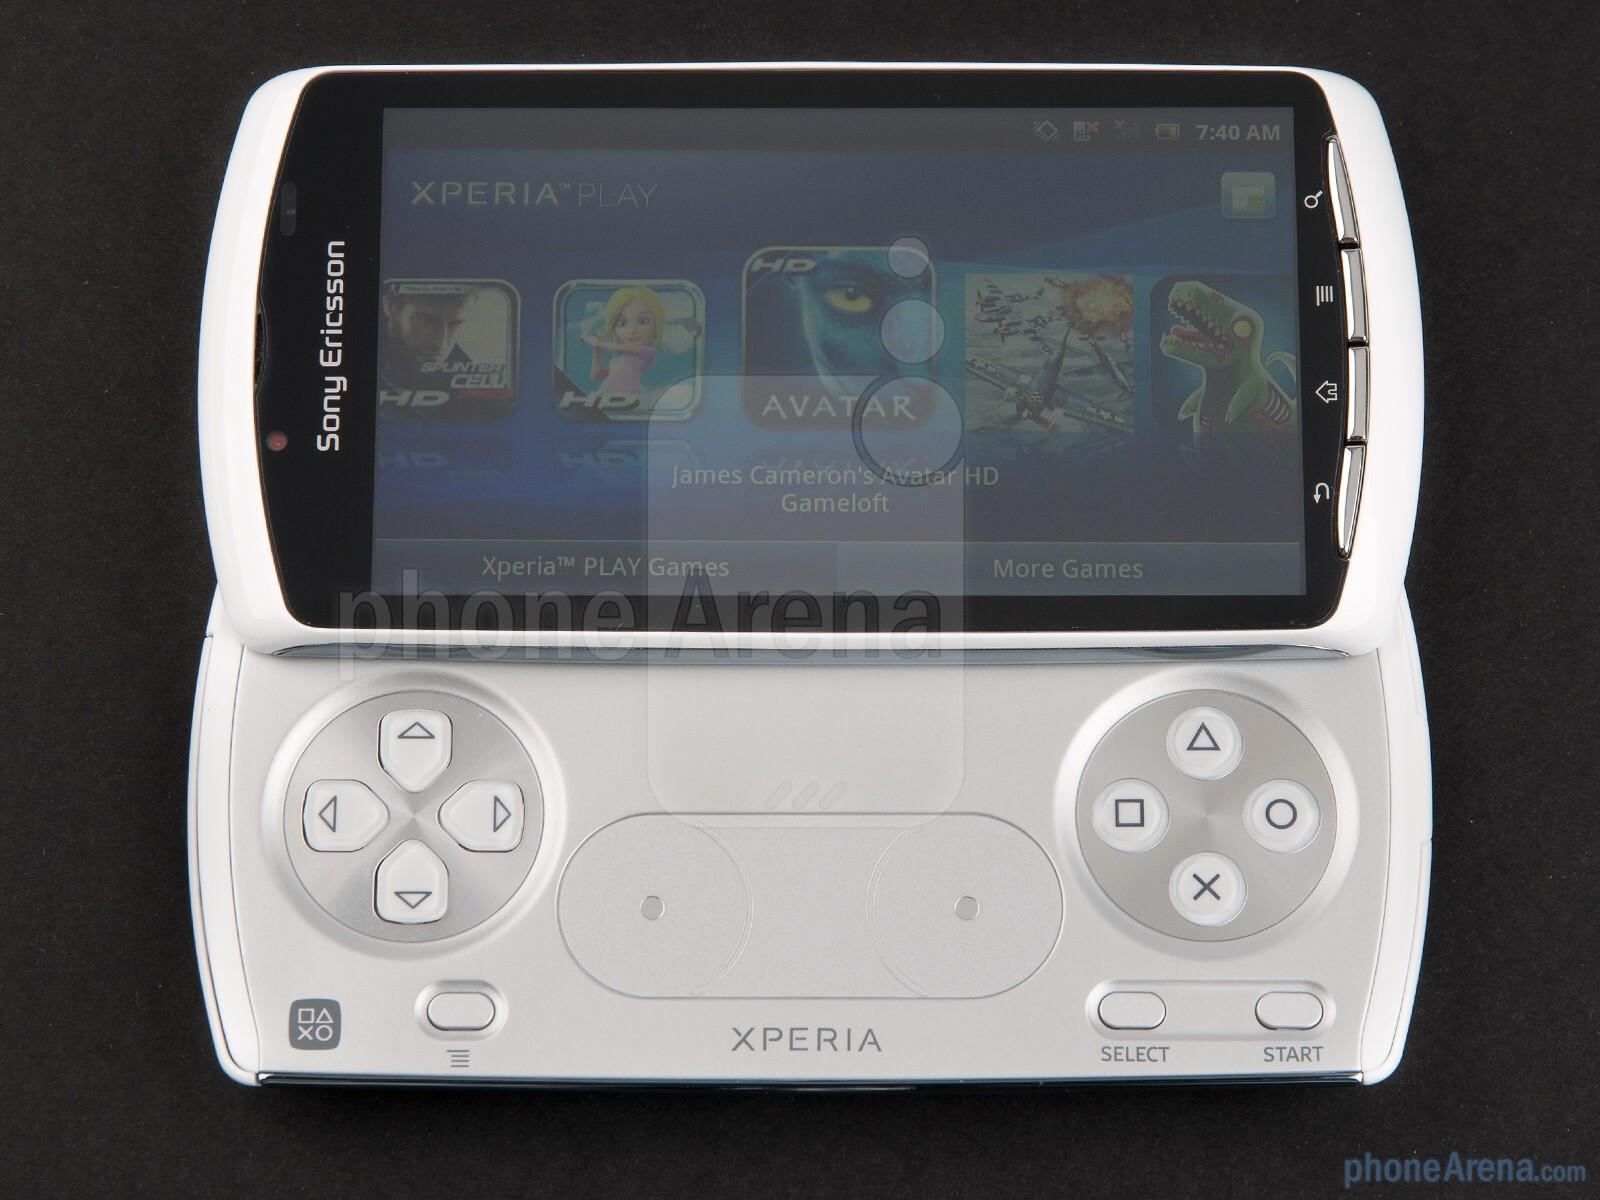 Sony-Ericsson Android gratuits pour X8 jeux Télécharger Xperia